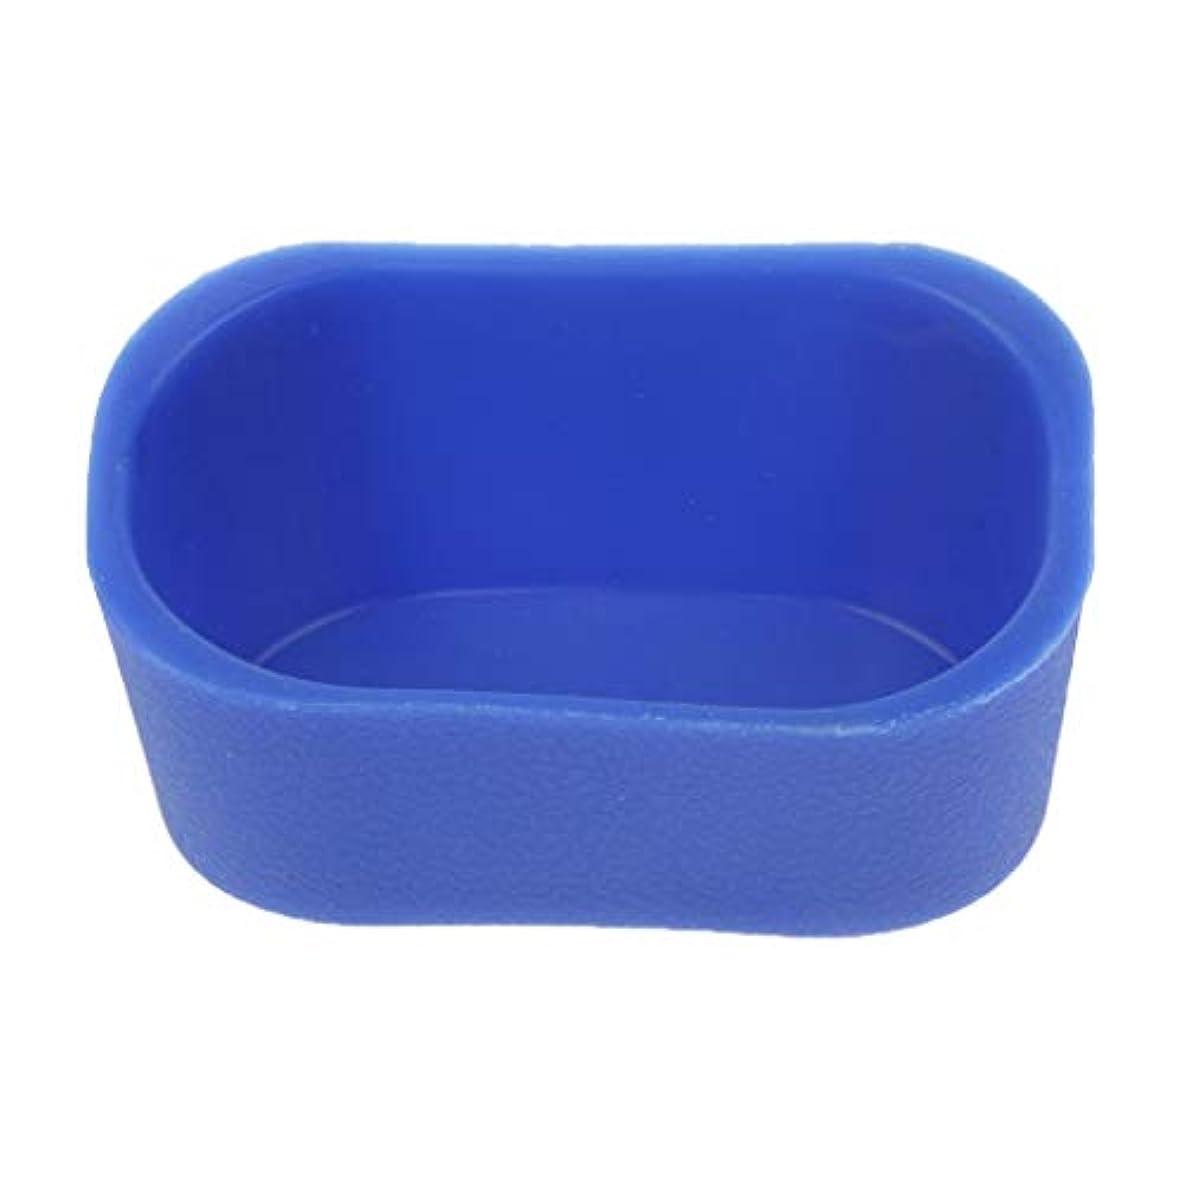 論争的駐地隠すシャンプーボウル ピロー ネックレス クッション 高品質 5色選べ - 青